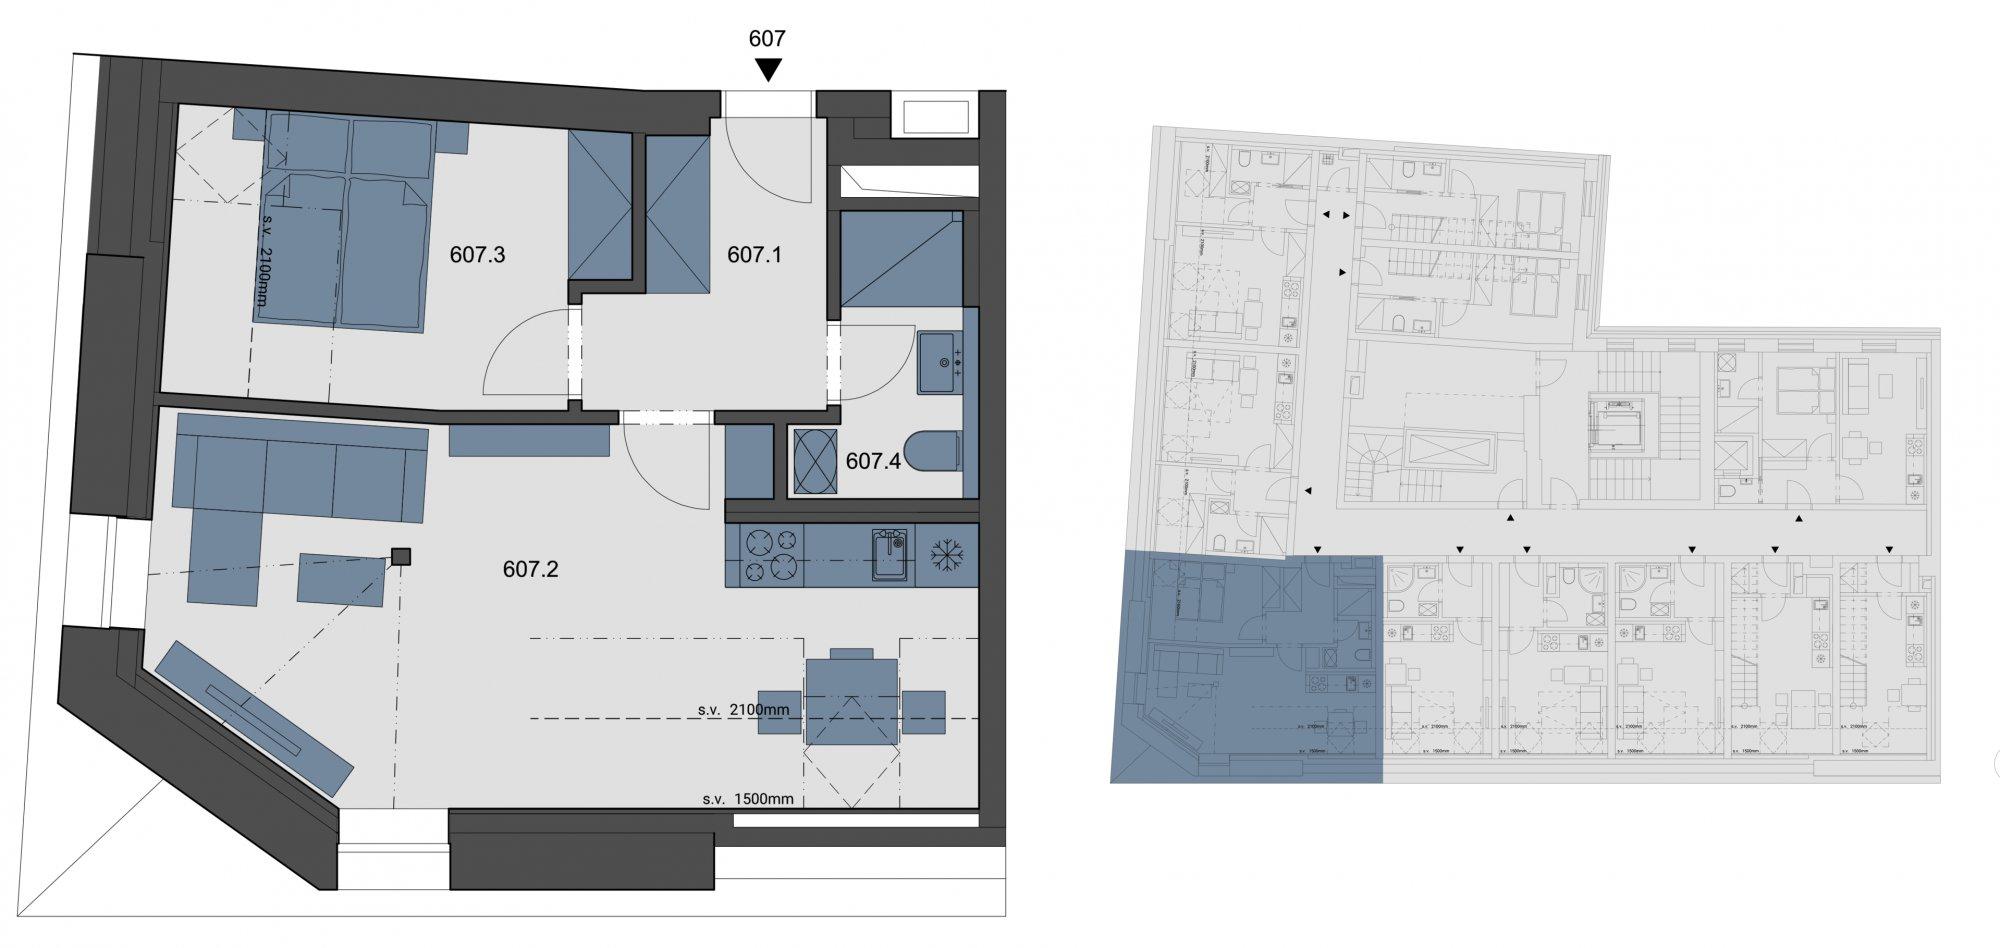 Půdorys - Půdní byt 2+kk, plocha 45 m², ulice Tyršova, Praha 2 - Nové Město